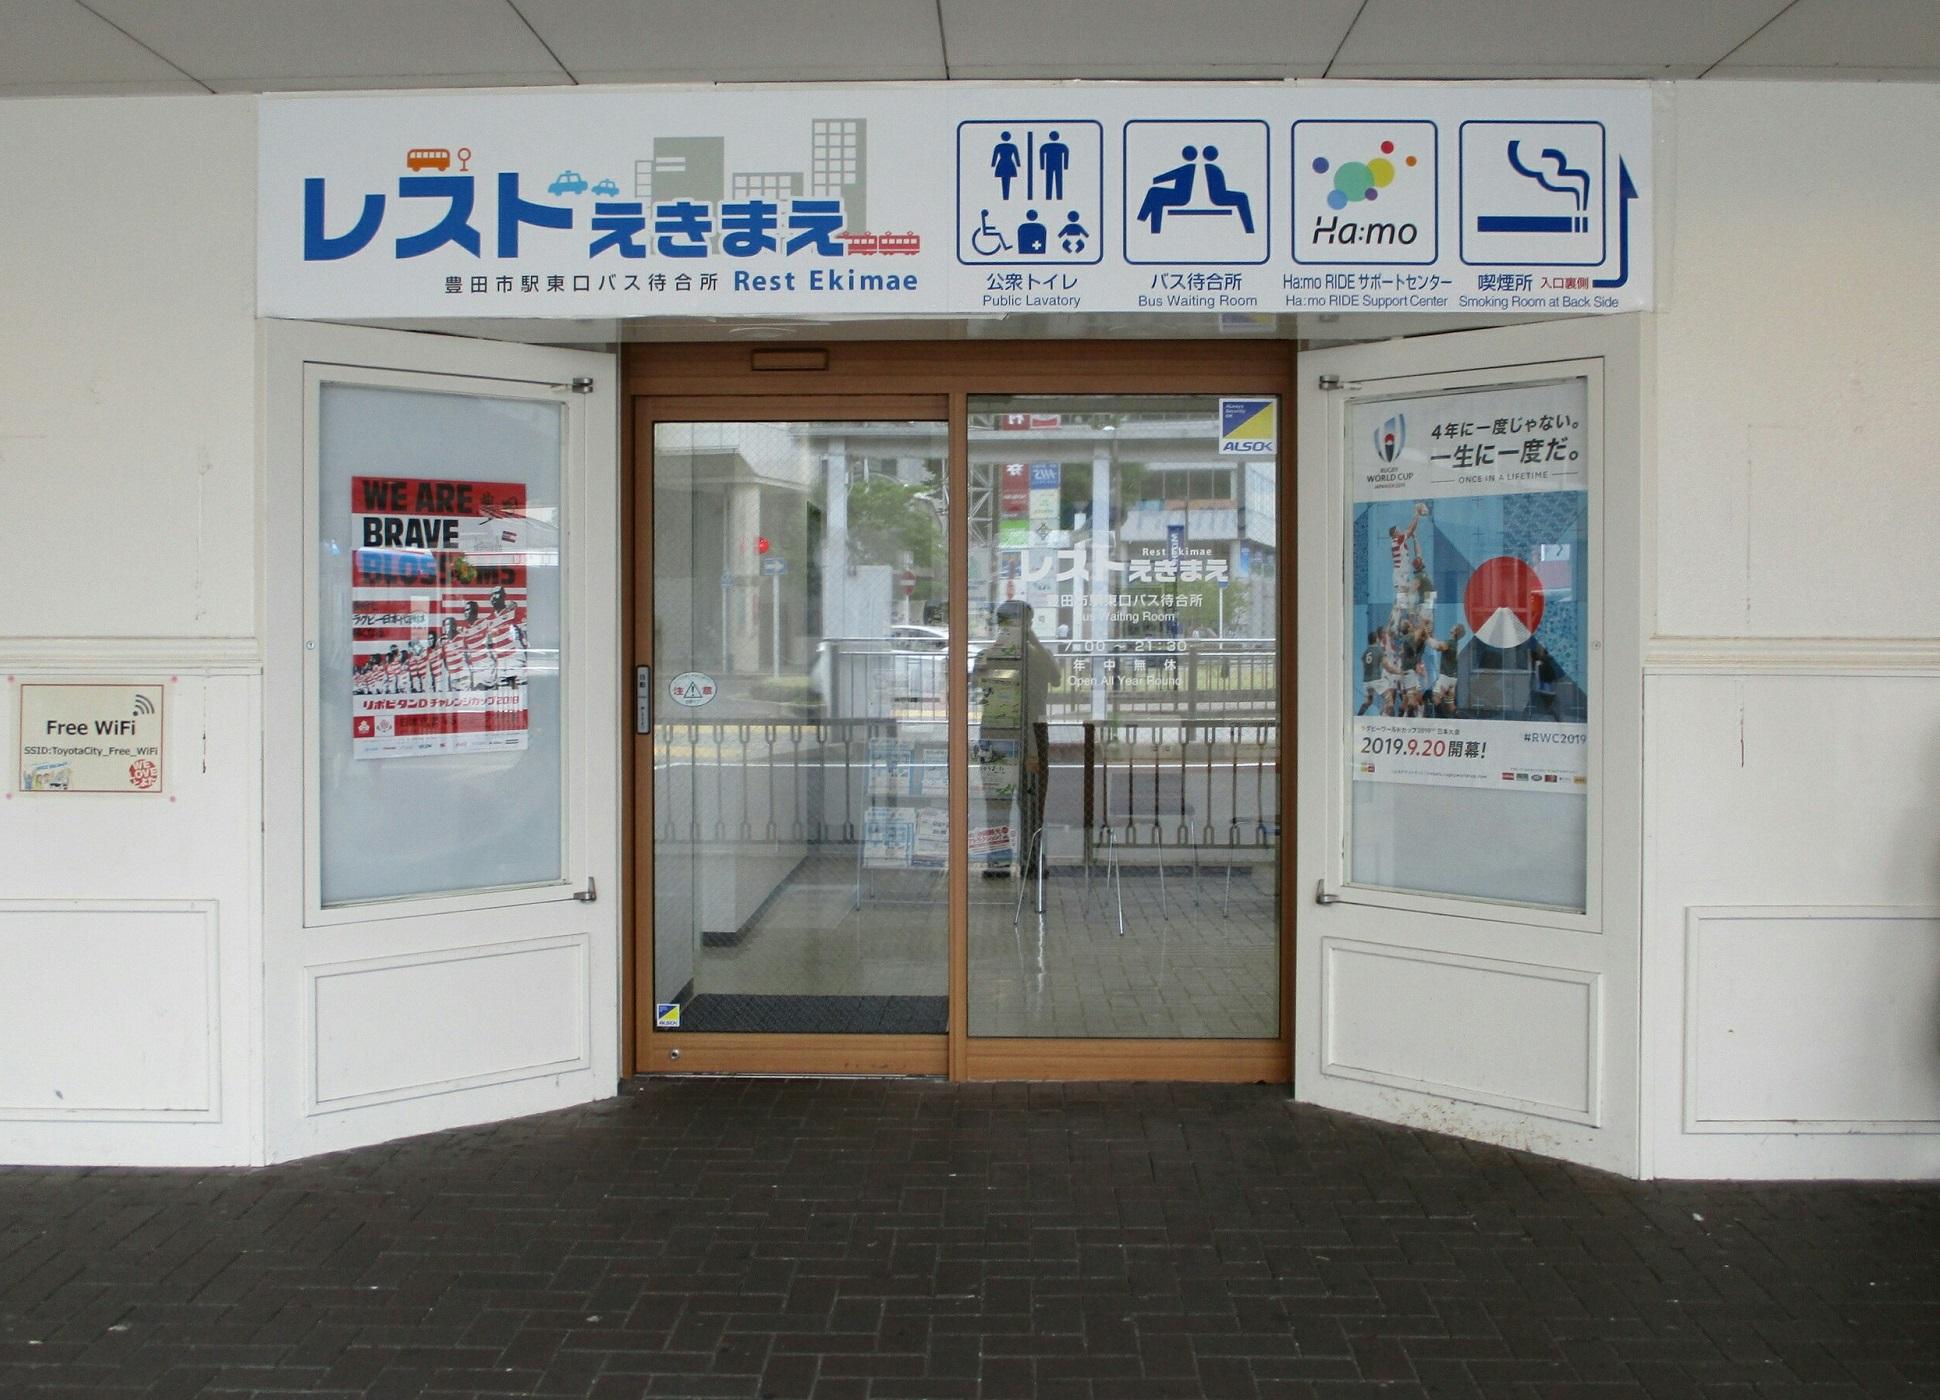 2018.6.14 豊田 (24) 豊田市駅ひがしぐちバスまちあいじょ 1940-1400